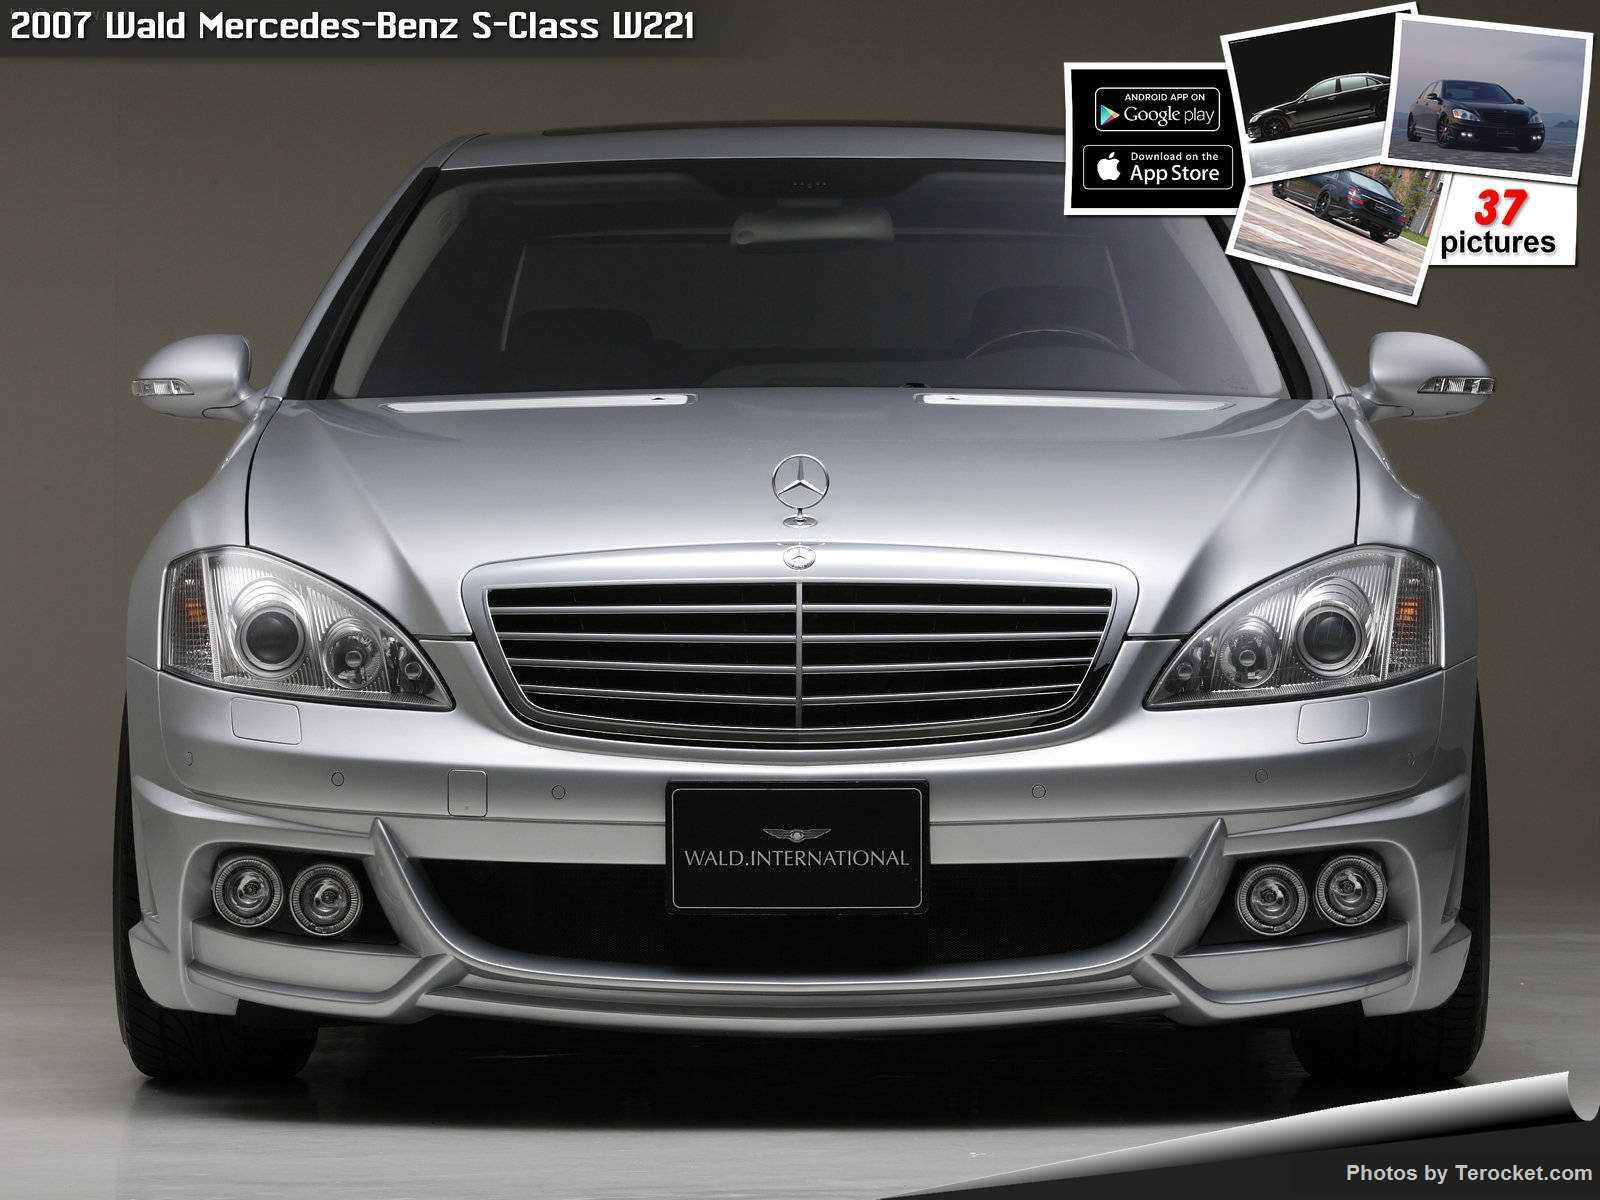 Hình ảnh xe độ Wald Mercedes-Benz S-Class W221 2007 & nội ngoại thất